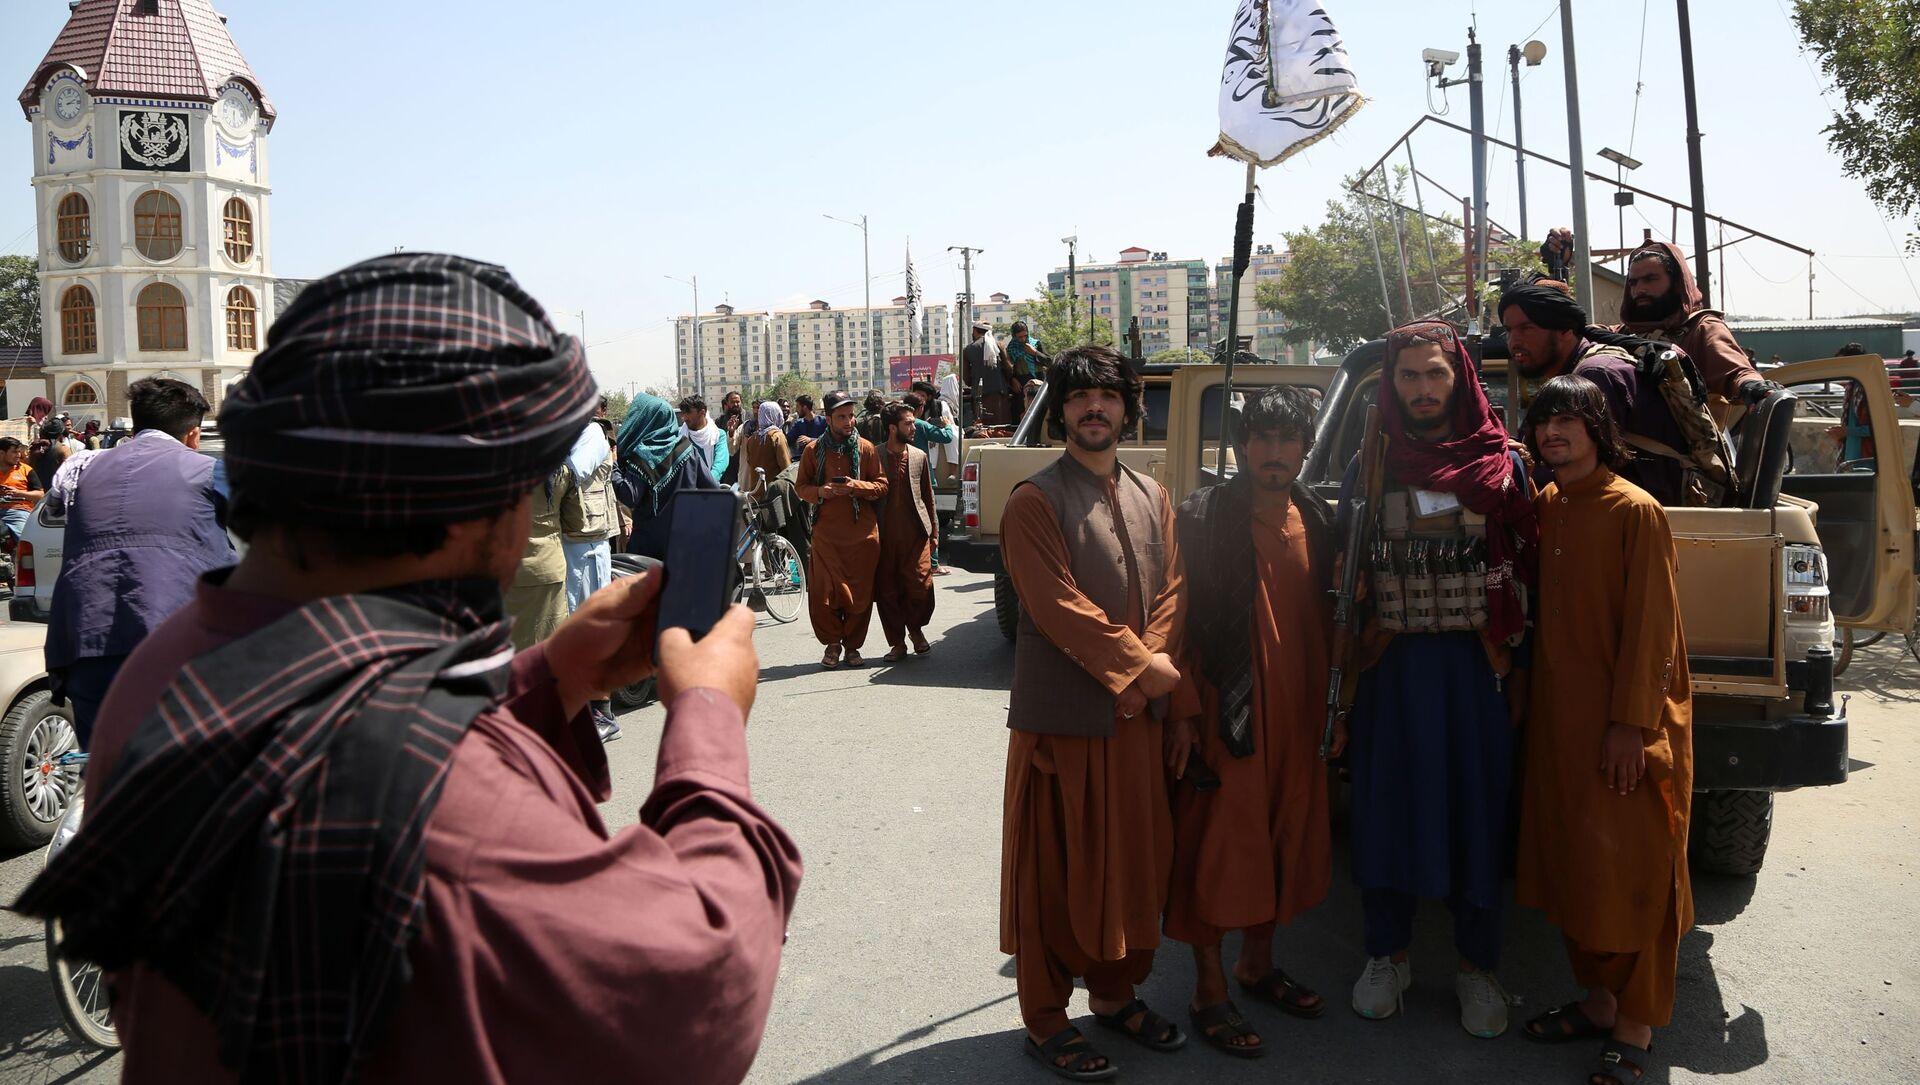 Các chiến binh Taliban (Tổ chức khủng bố bị cấm ở Nga) ở Kabul - Sputnik Việt Nam, 1920, 01.09.2021